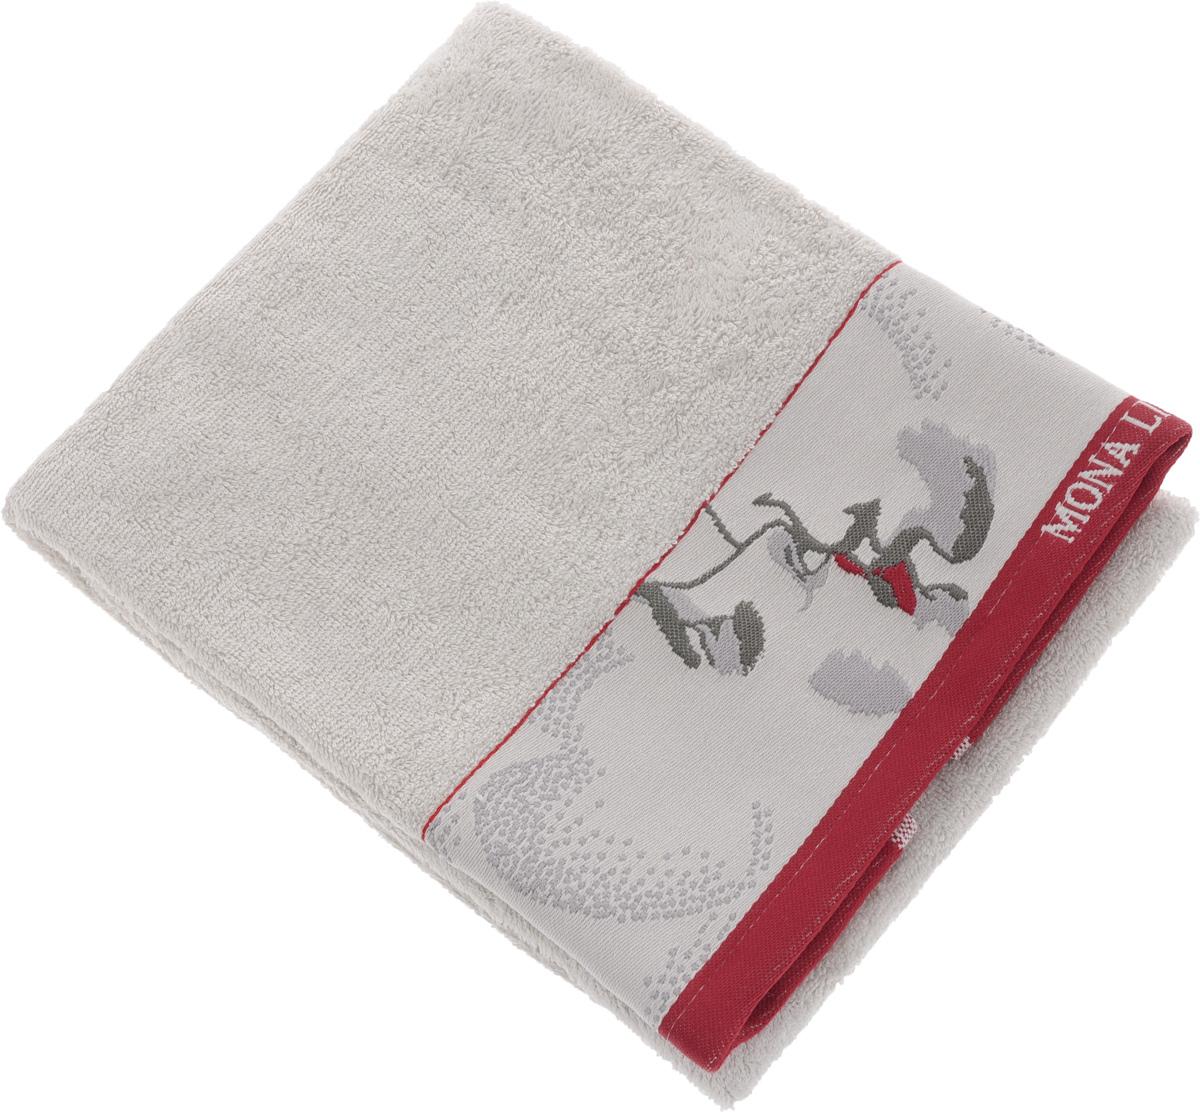 Полотенце Mona Liza Two, цвет: светло-серый, красный, 50 х 90 см68/5/1Мягкое полотенце Two изготовлено из 30% хлопка и 70% бамбукового волокна. Полотенце Two с жаккардовым бордюром обладает высокой впитывающей способностью и сочетает в себе элегантную роскошь и практичность. Благодаря высокому качеству изготовления, полотенце будет радовать вас многие годы. Мотивы коллекции Mona Liza Premium bu Serg Look навеяны итальянскими фресками эпохи Ренессанса, периода удивительной гармонии в искусстве. В представленной коллекции для нанесения на ткань рисунка применяется многоцветная печать, метод реактивного крашения, который позволяет создать уникальную цветовую гамму, напоминающую старинные фрески. Этот метод также обеспечивает высокую устойчивость краски при стирке.